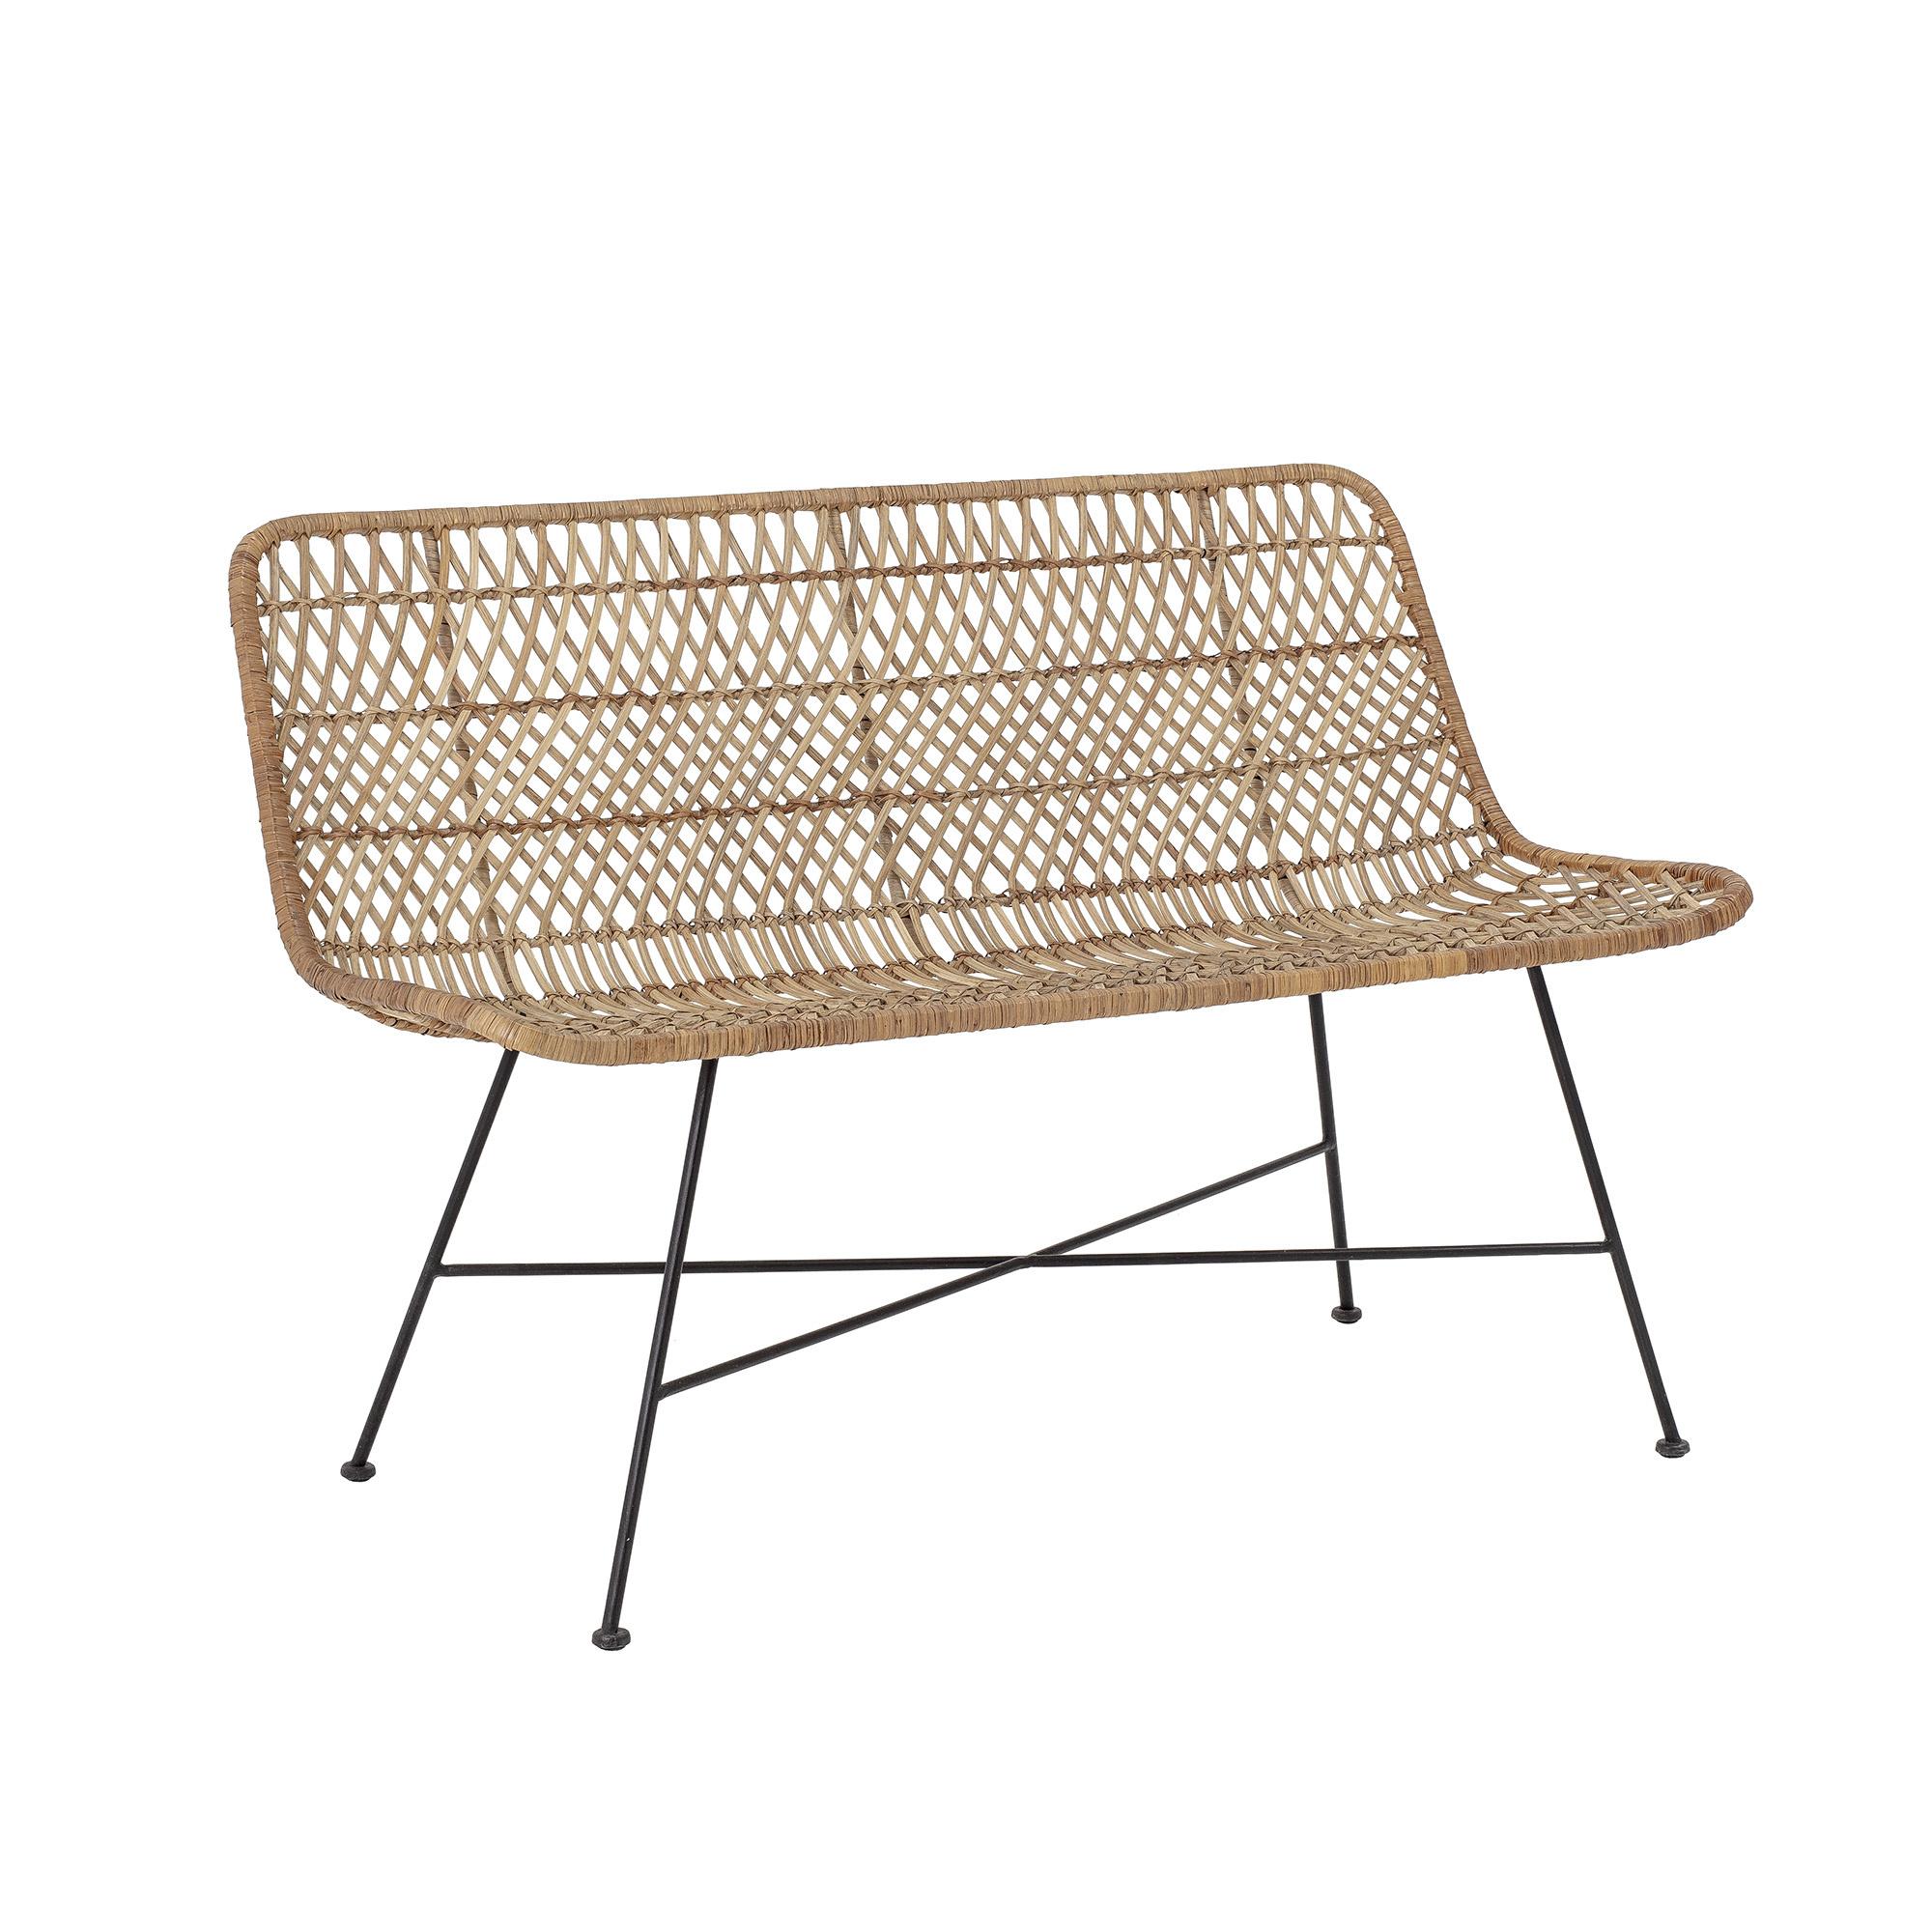 Bloomingville Rattan bench / Sofa - natural - 120cm - Bloomingville